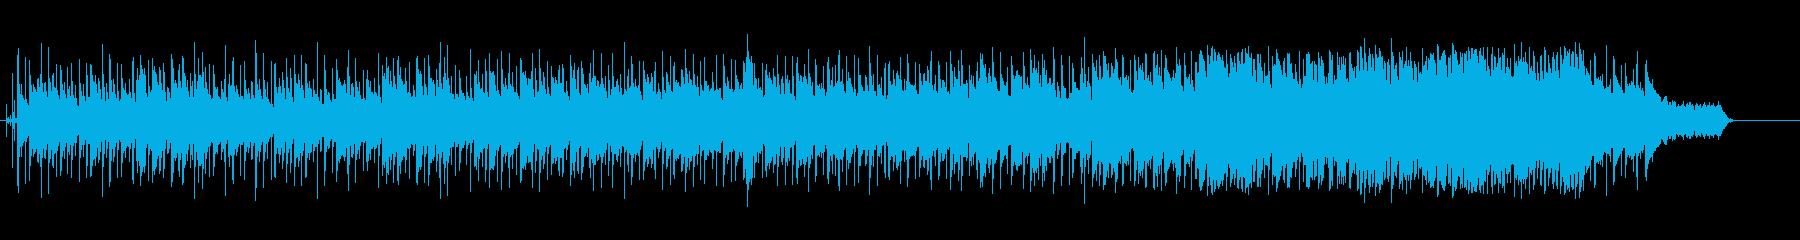 感傷的なニューミュージック風ポップスの再生済みの波形